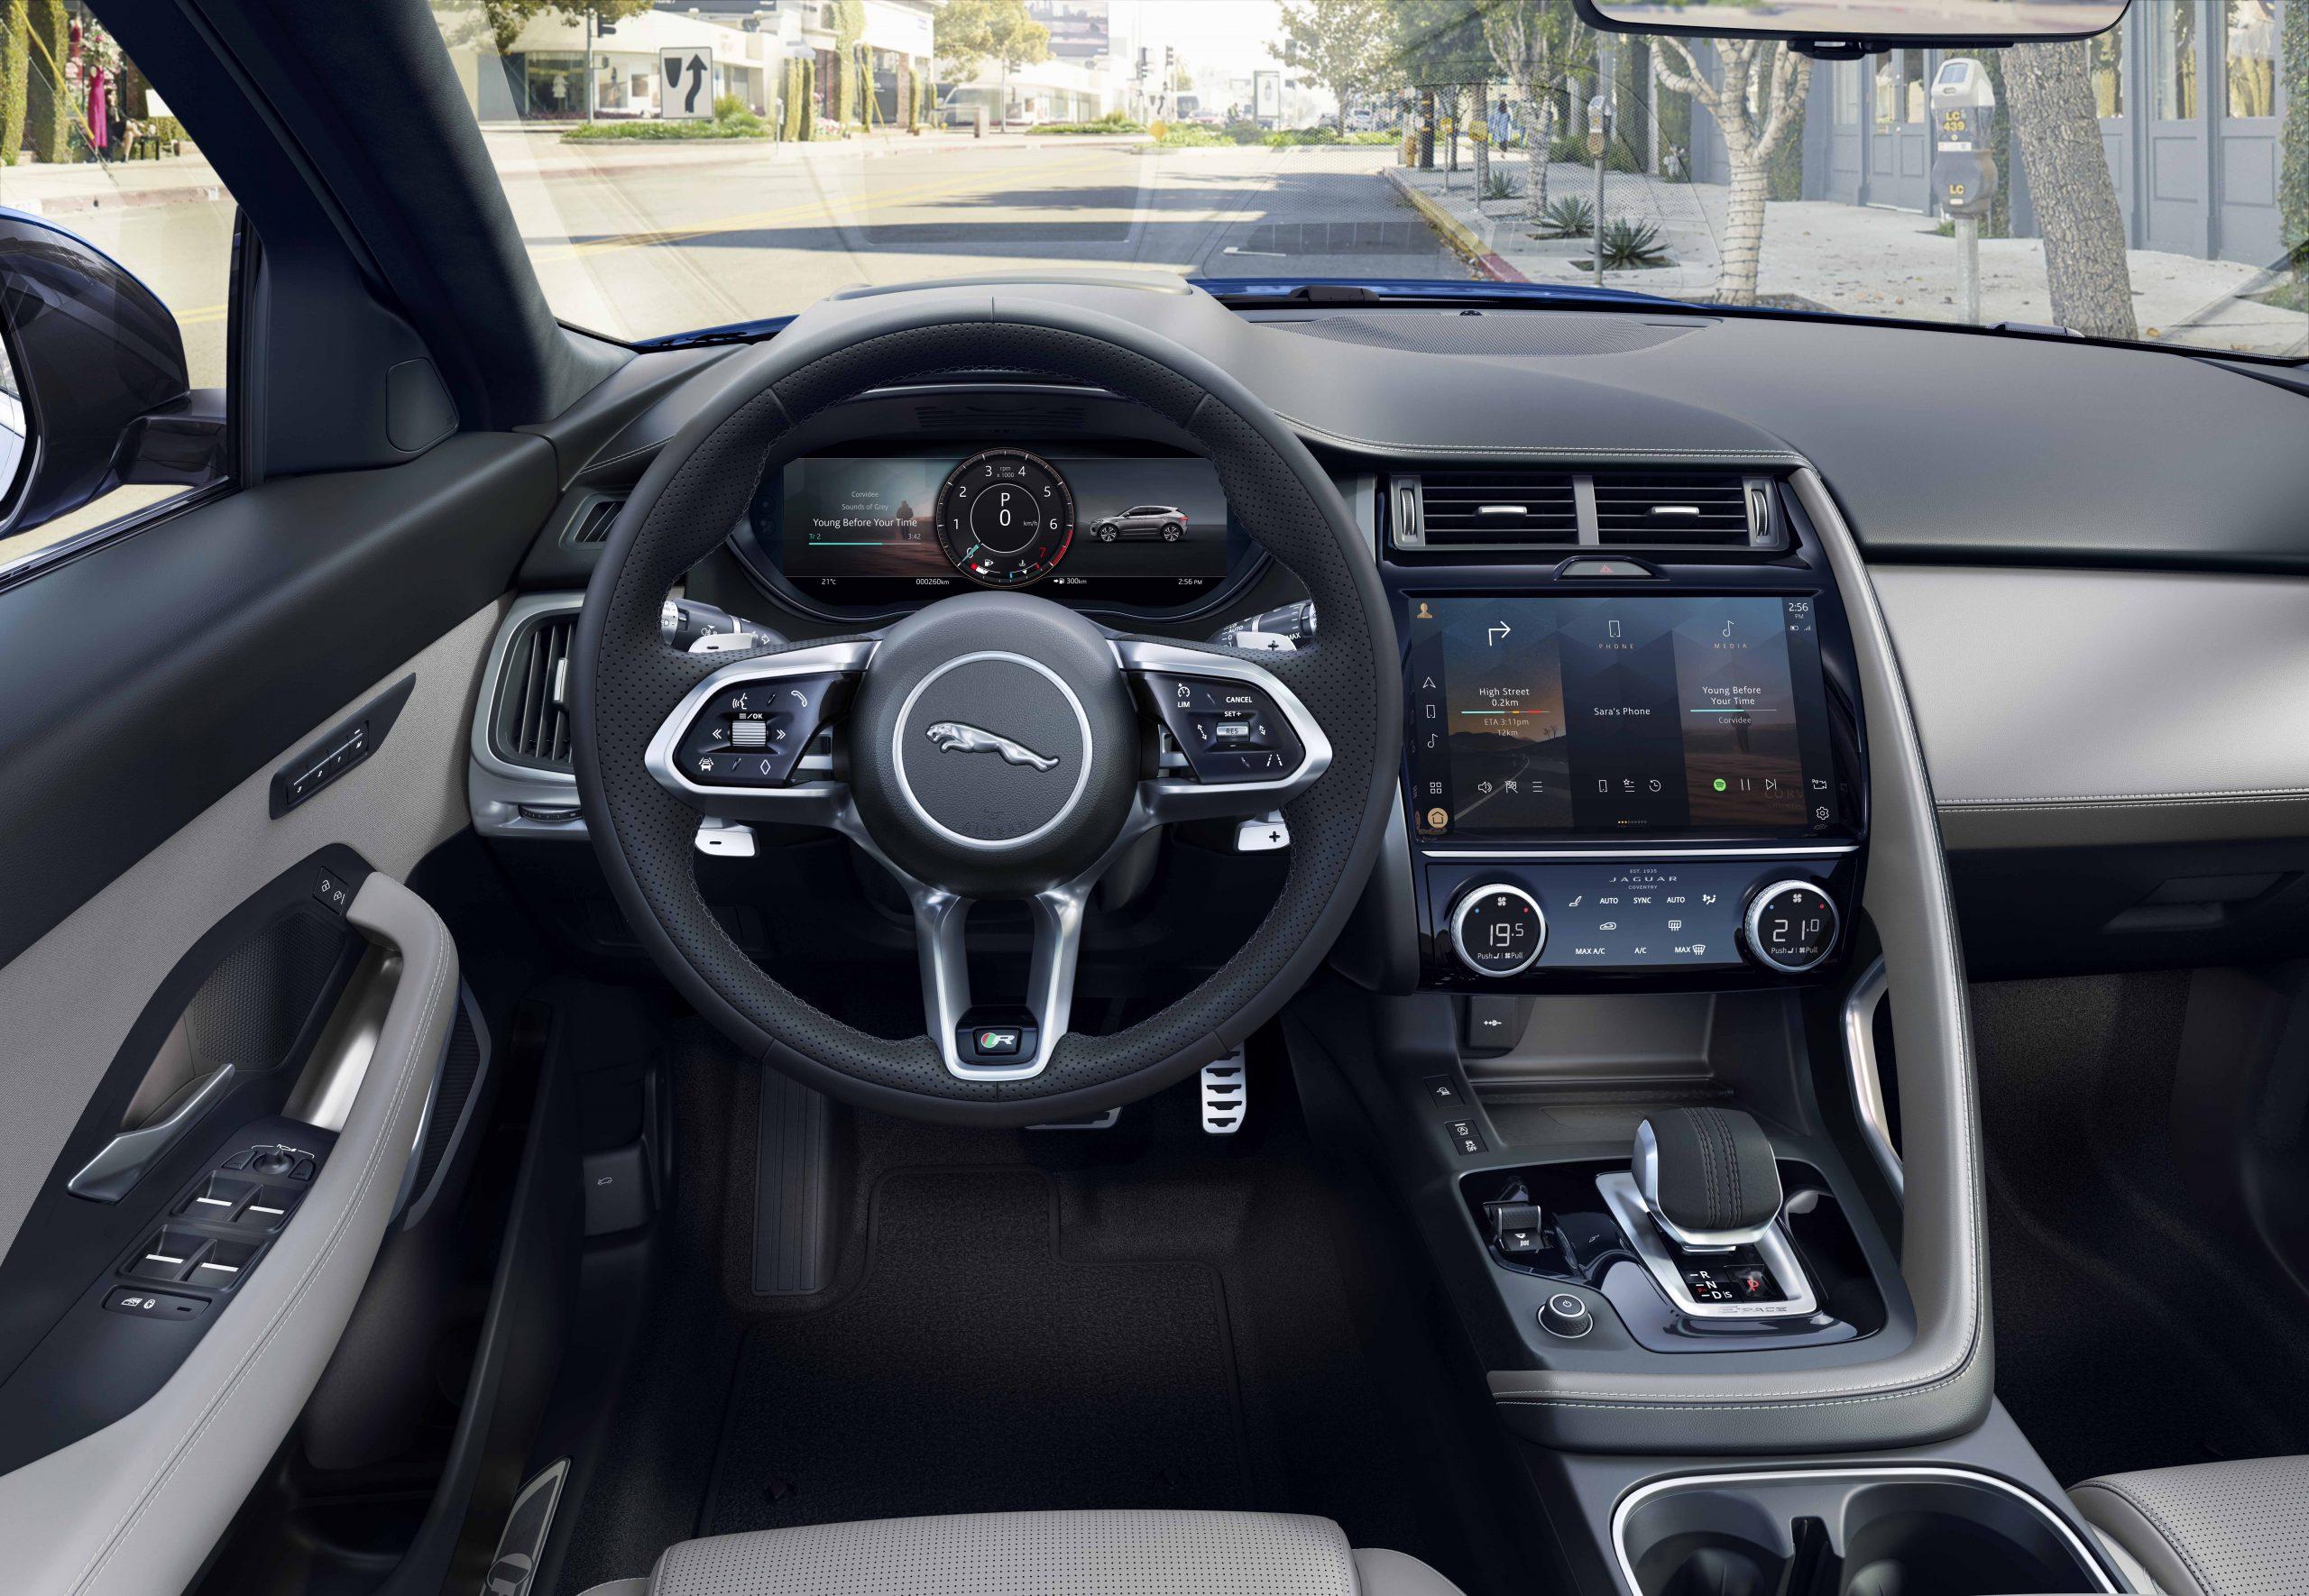 Noul Jaguar E-Pace aduce îmbunătățiri la interior și exterior, precum și motorizări electrificate